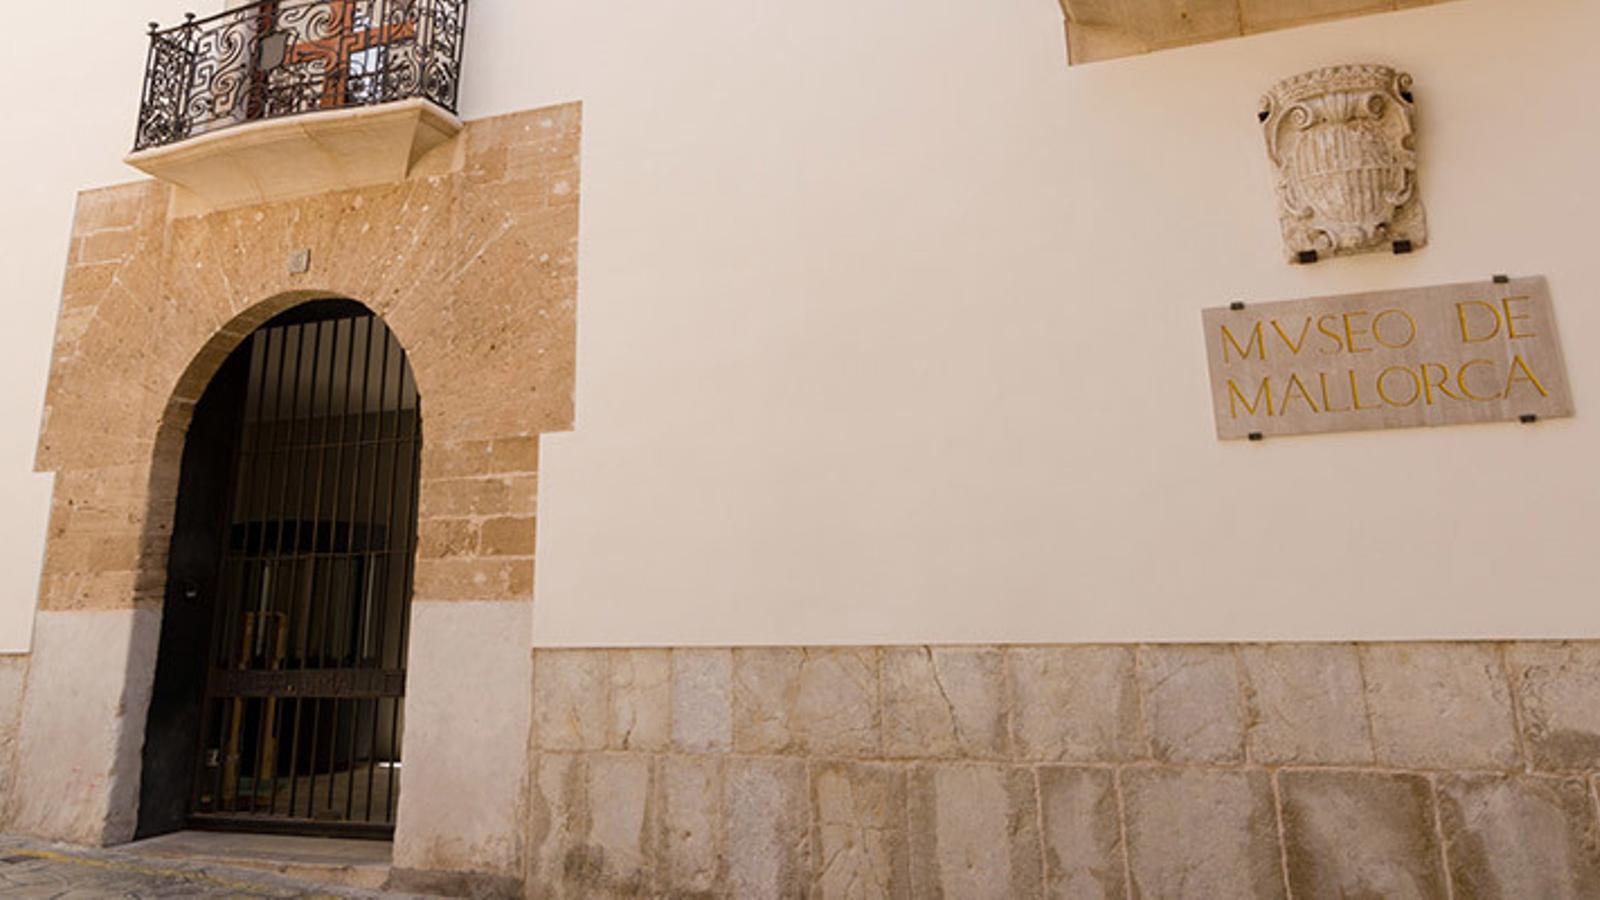 Imatge d'arxiu del Museu de Mallorca